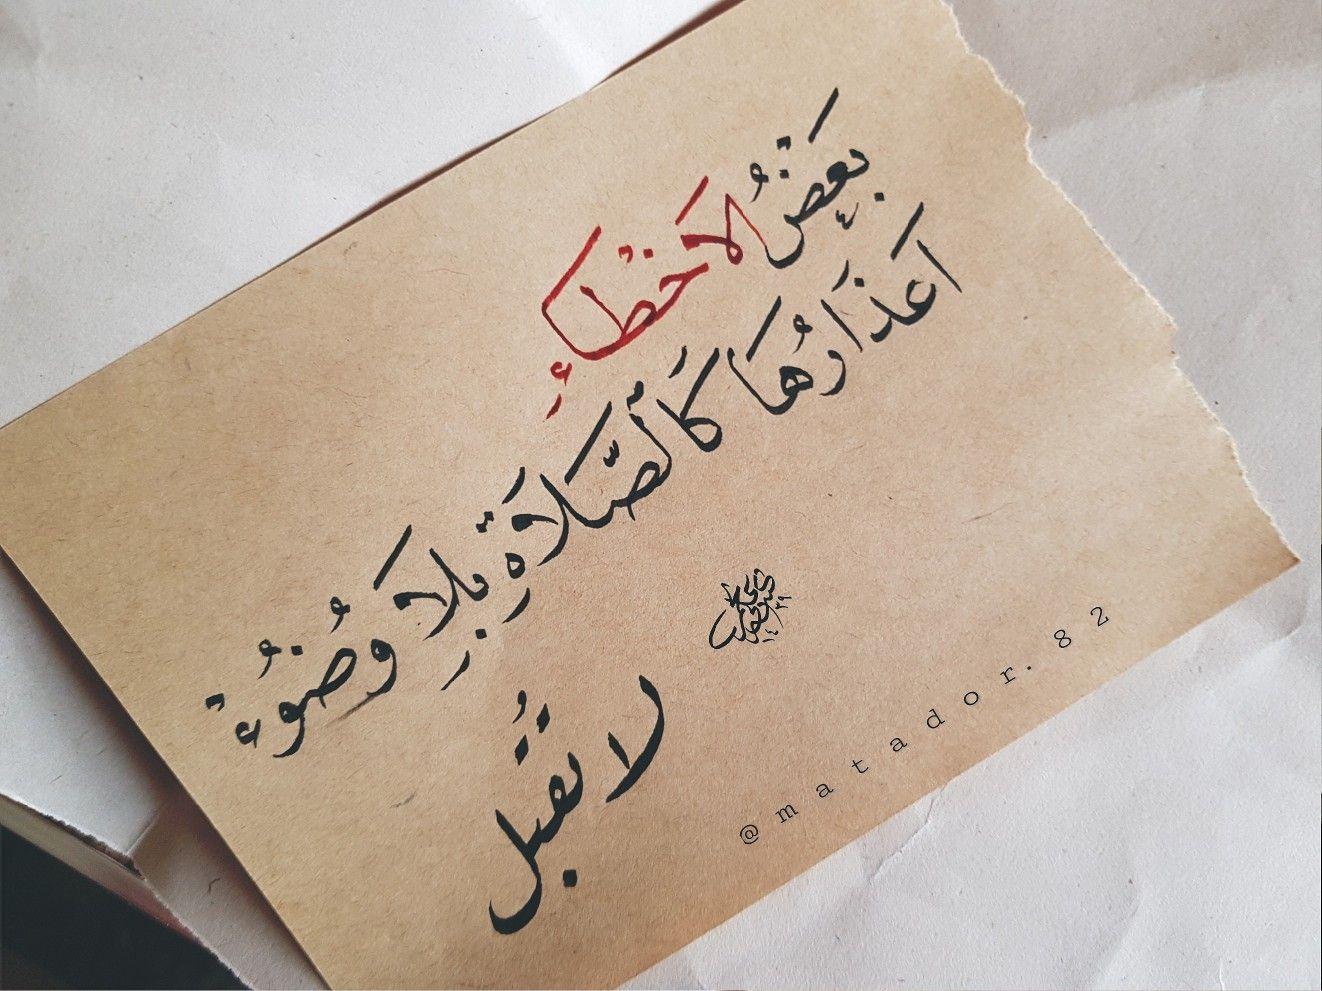 بعض الأخطاء خواطر العراق خط عربي Sweet Words Words Quotes Arabic Love Quotes